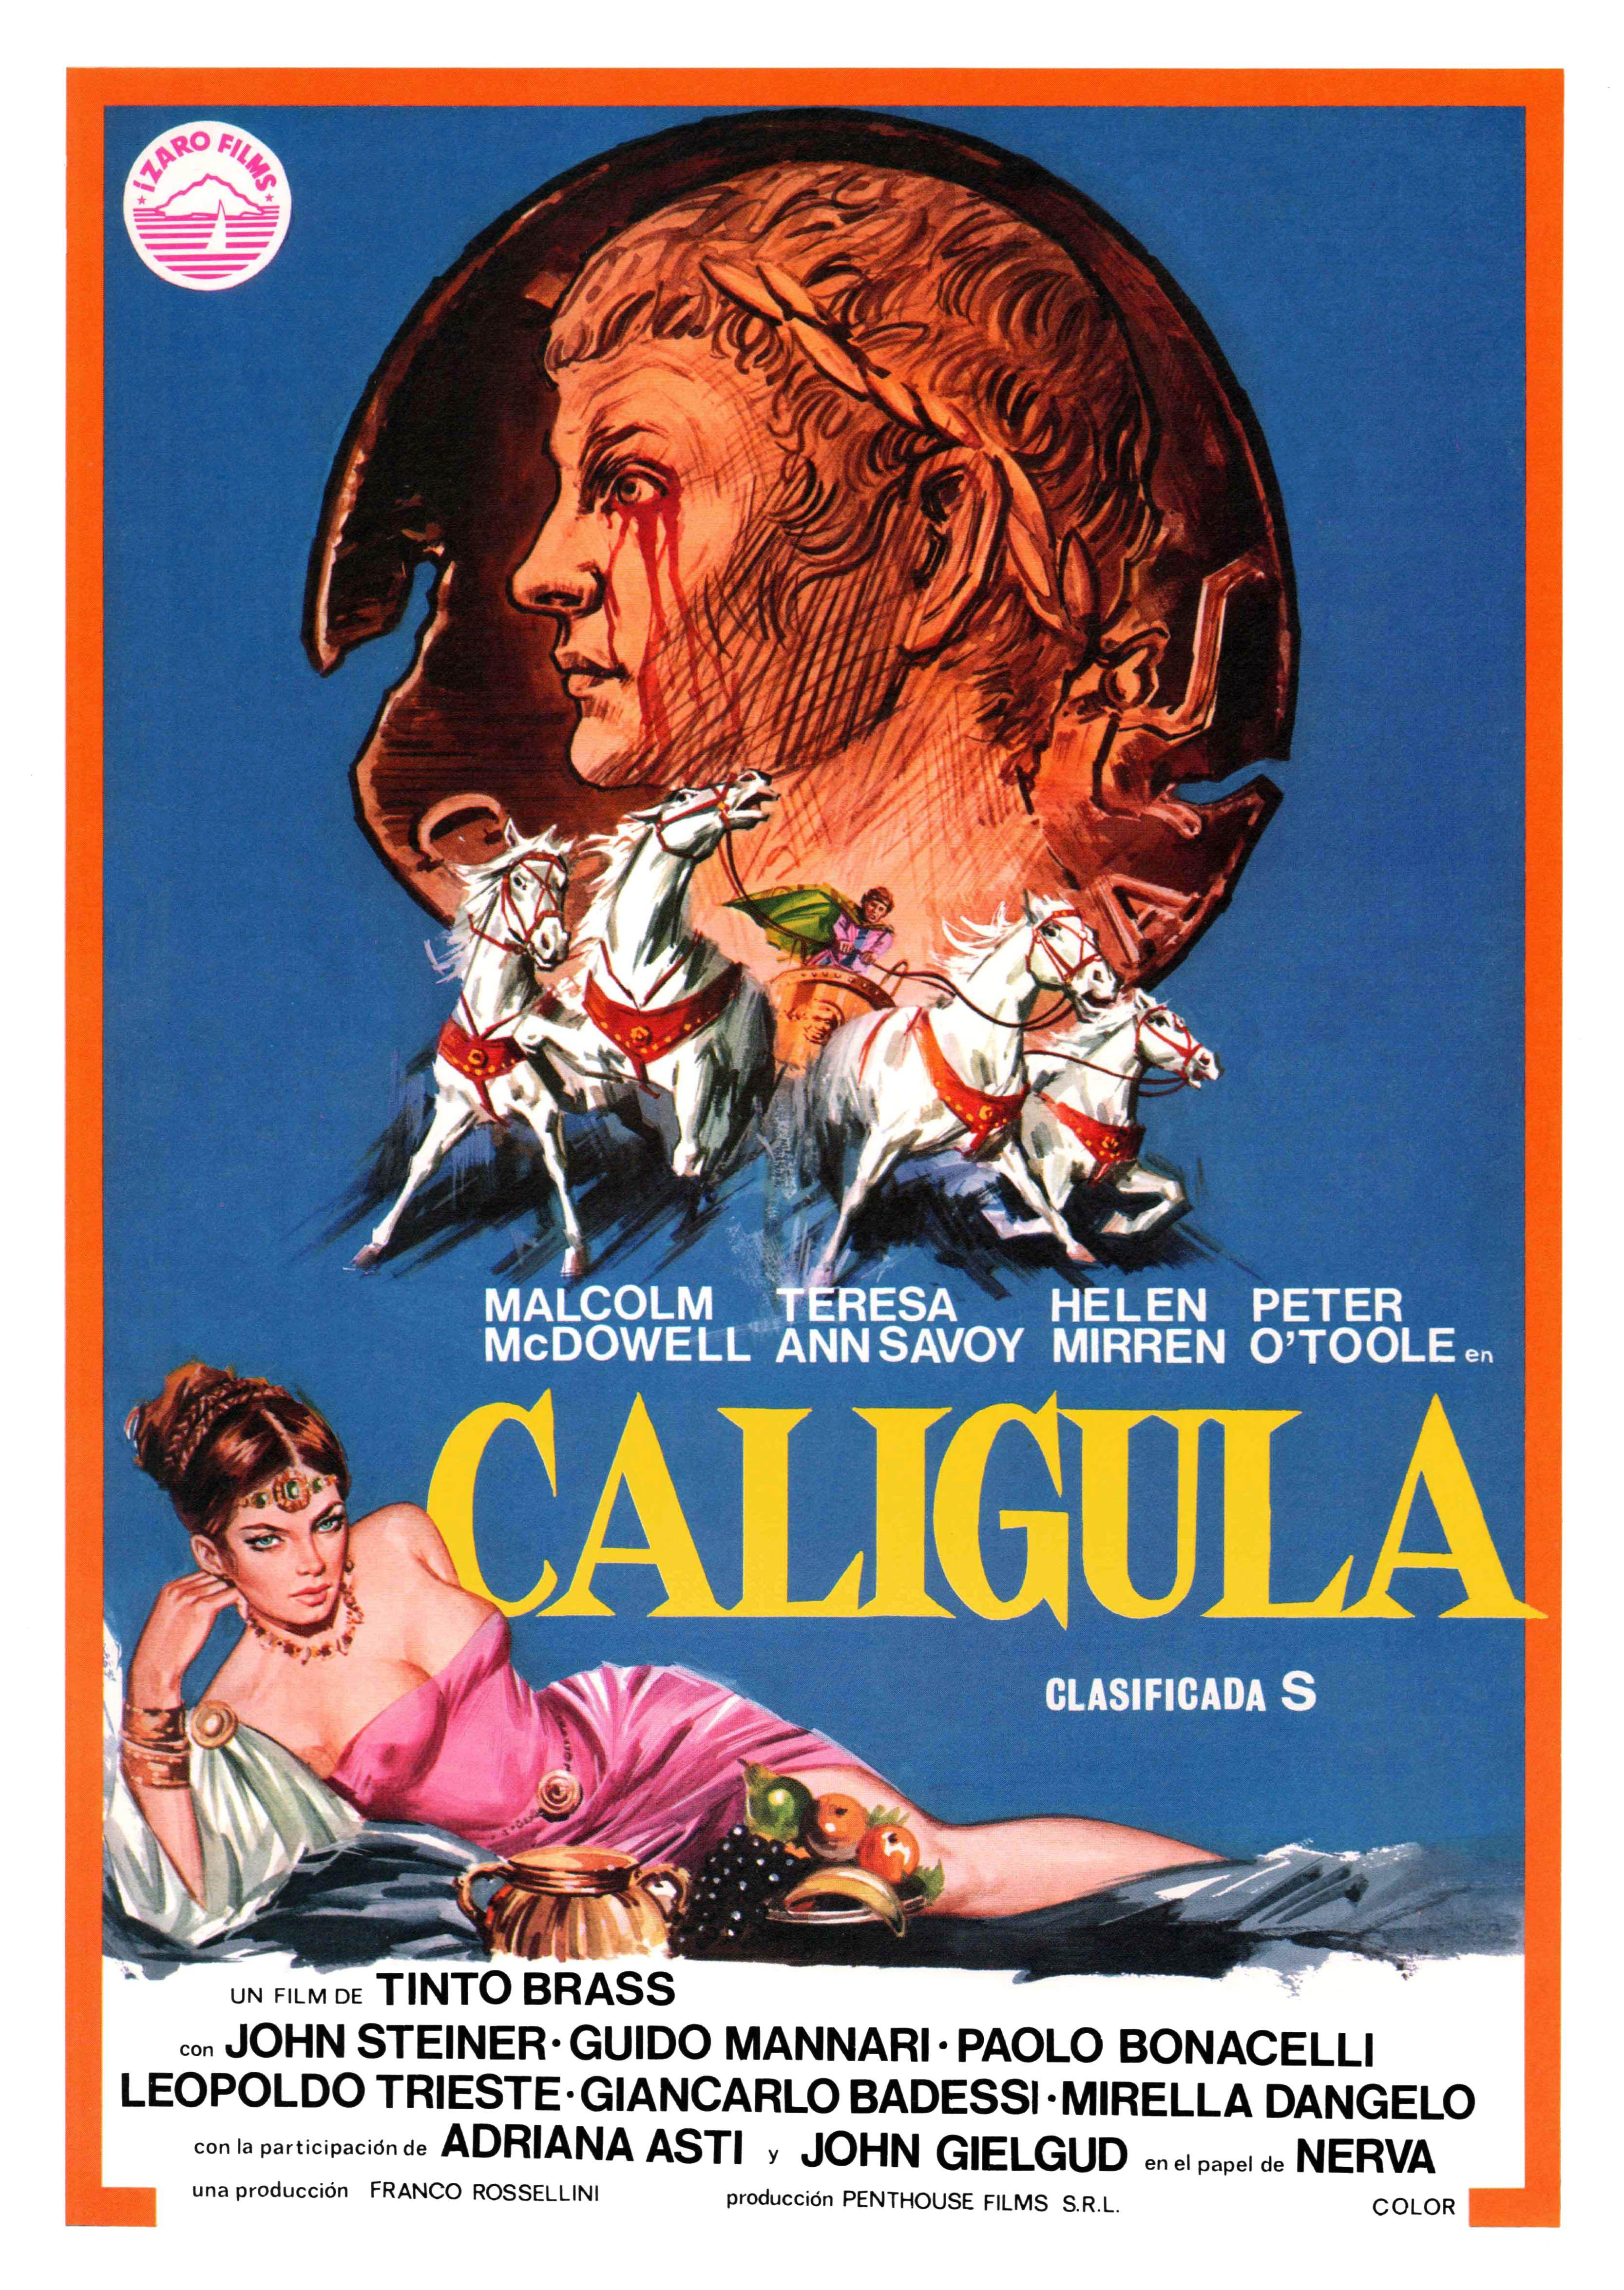 Caligula Peliculas En Linea Gratis Dias De Cine Peliculas Pornograficas